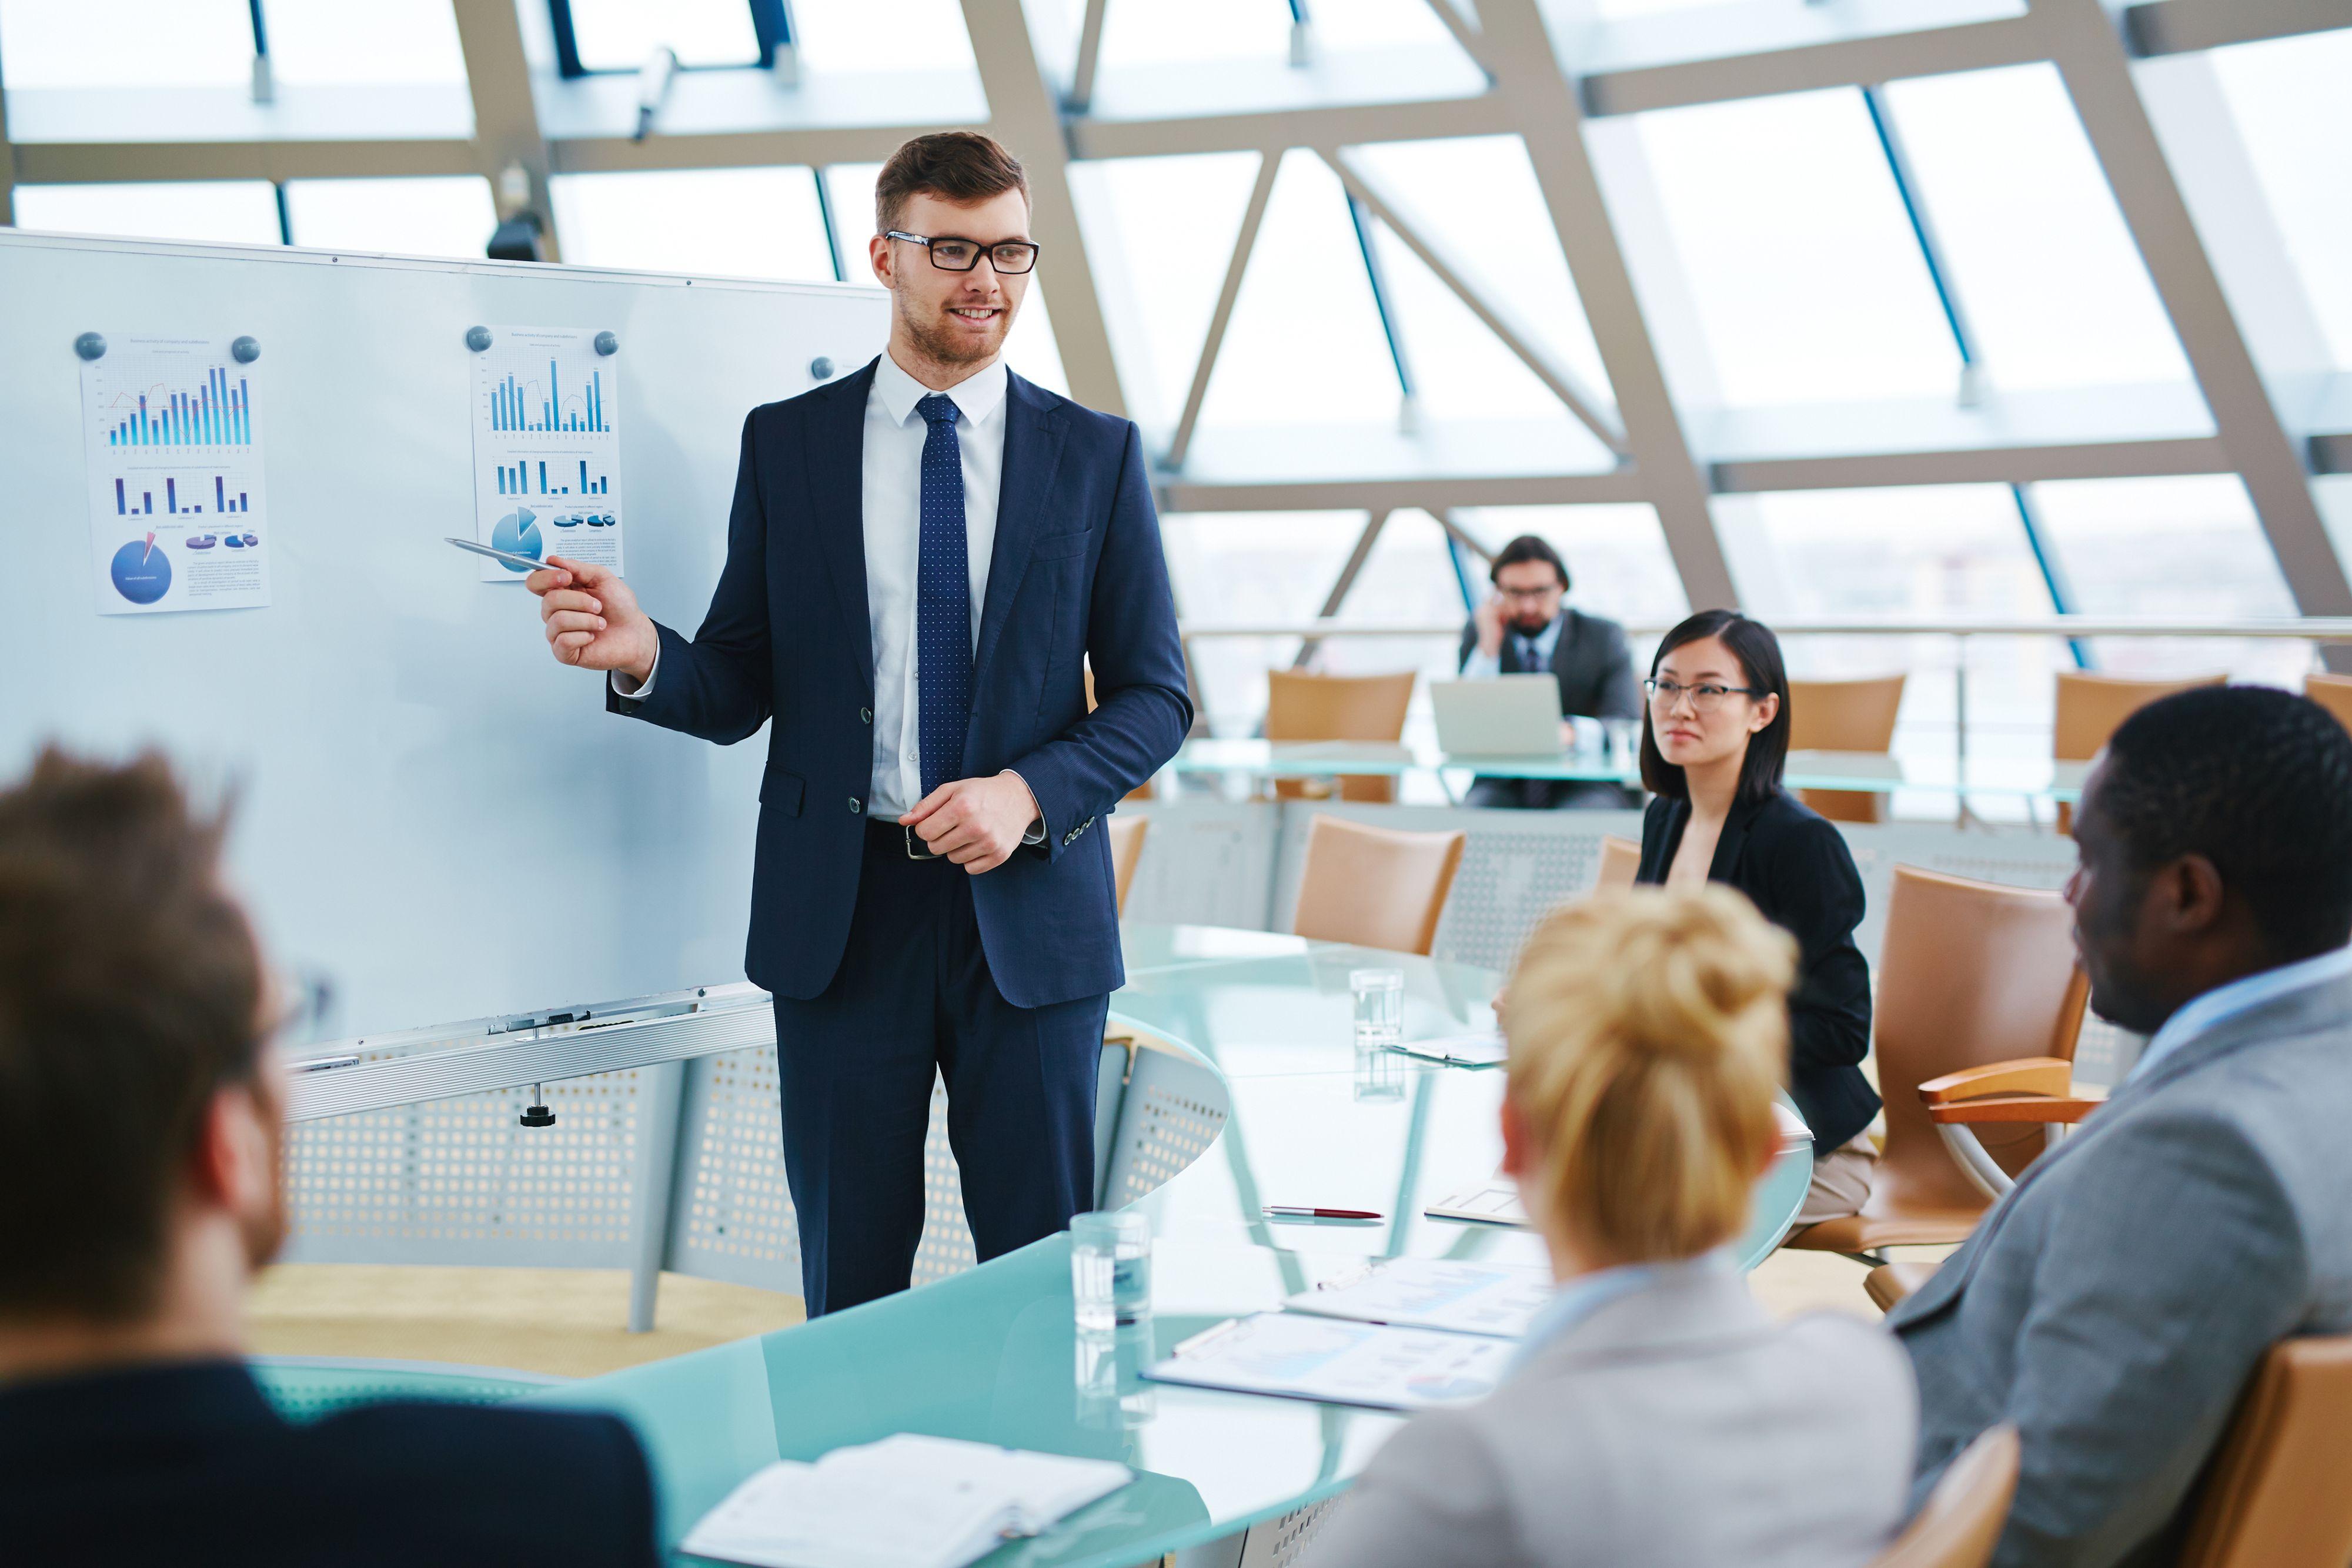 Najpopularniejszą formą pozyskiwania kompetencji pozostaje uczenie się w miejscu pracy (Fot. Shutterstock)